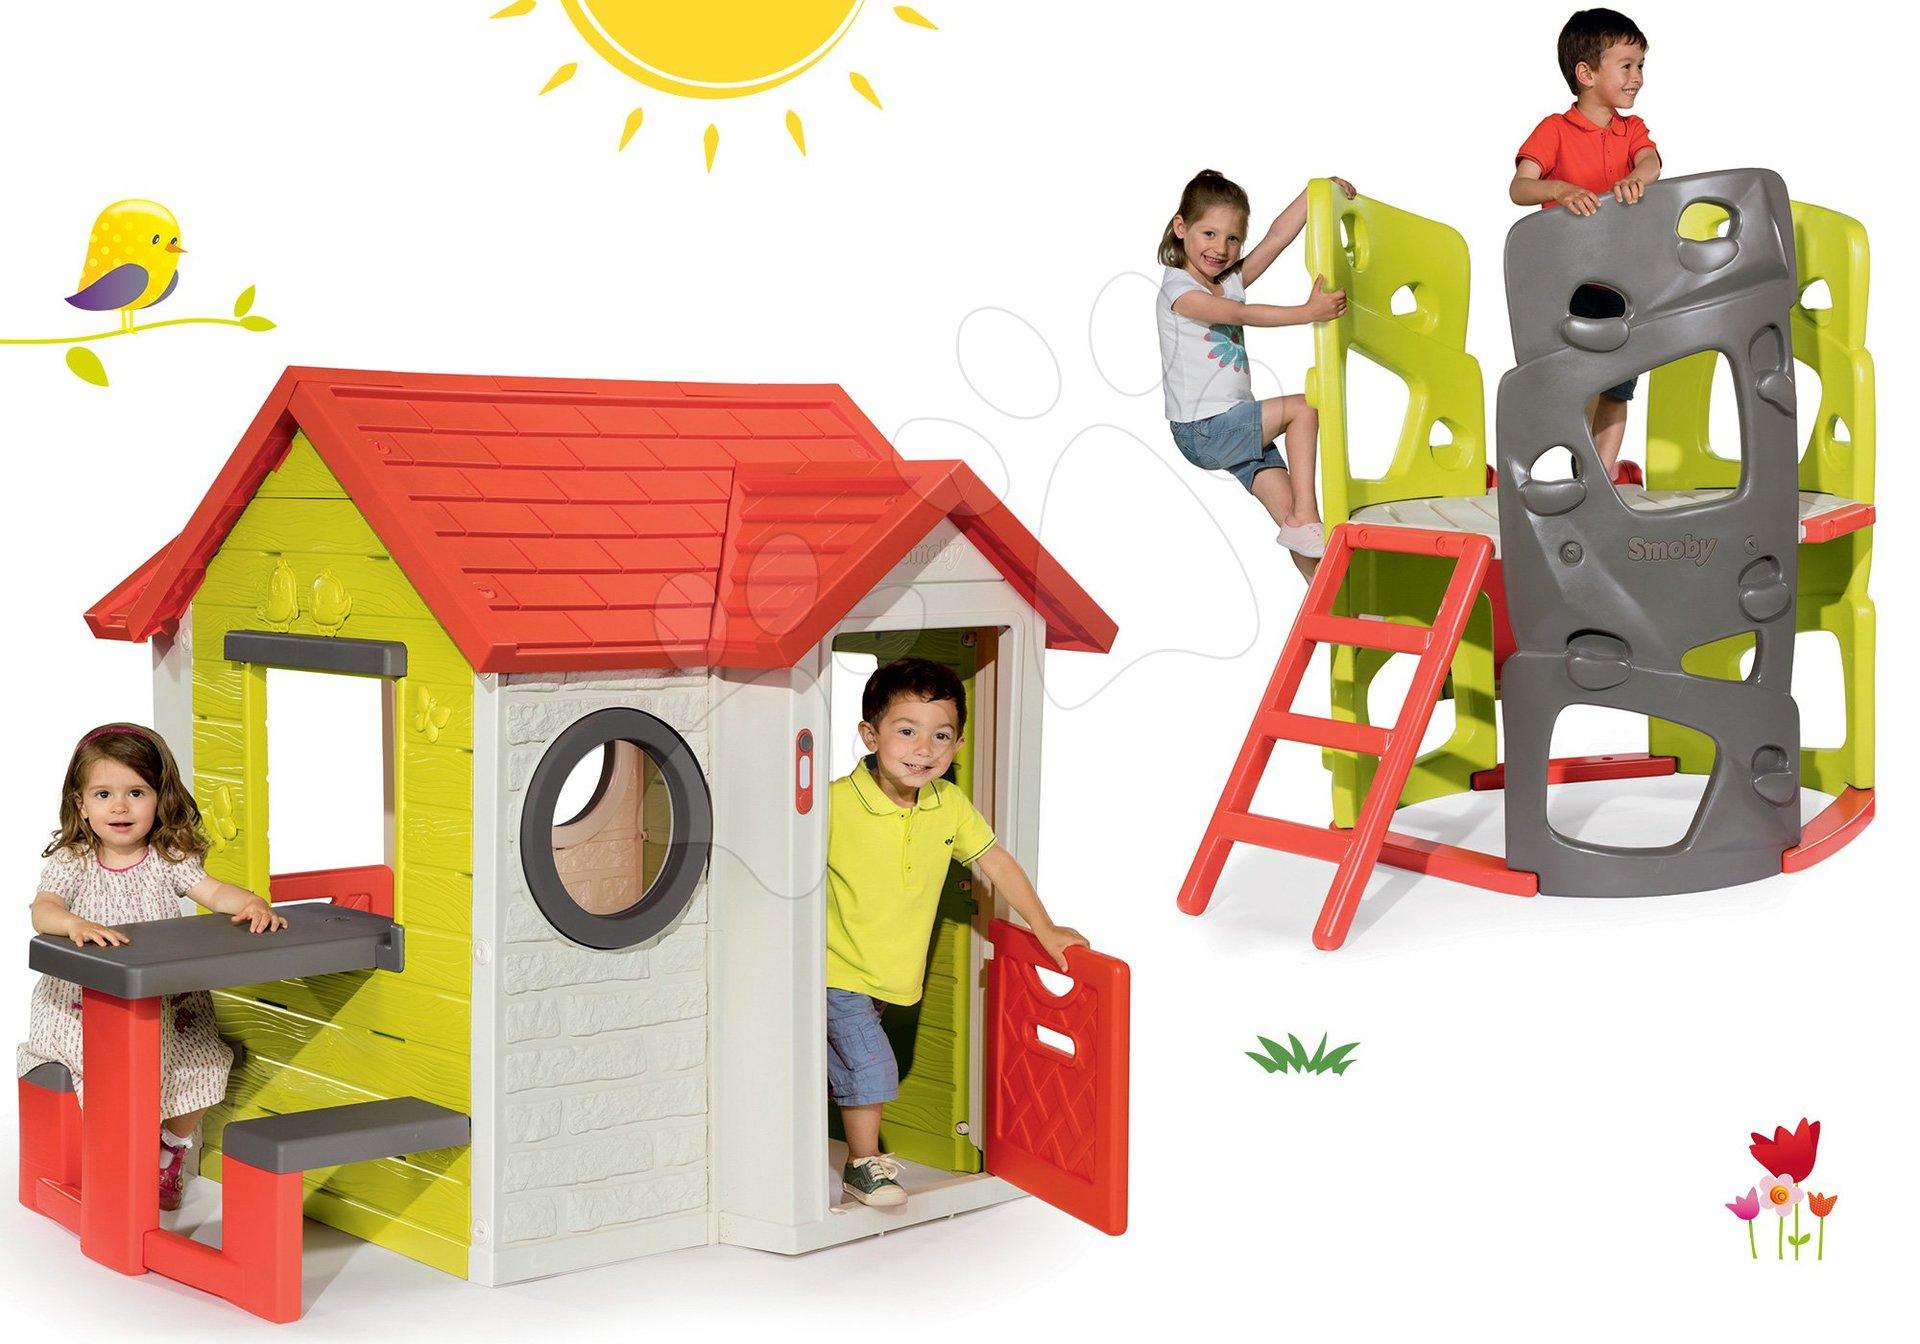 Set căsuţă My House Smoby cu sonerie, 2 uşi şi căţărătoare Multiactivity Tower cu tobogan de la 24 luni